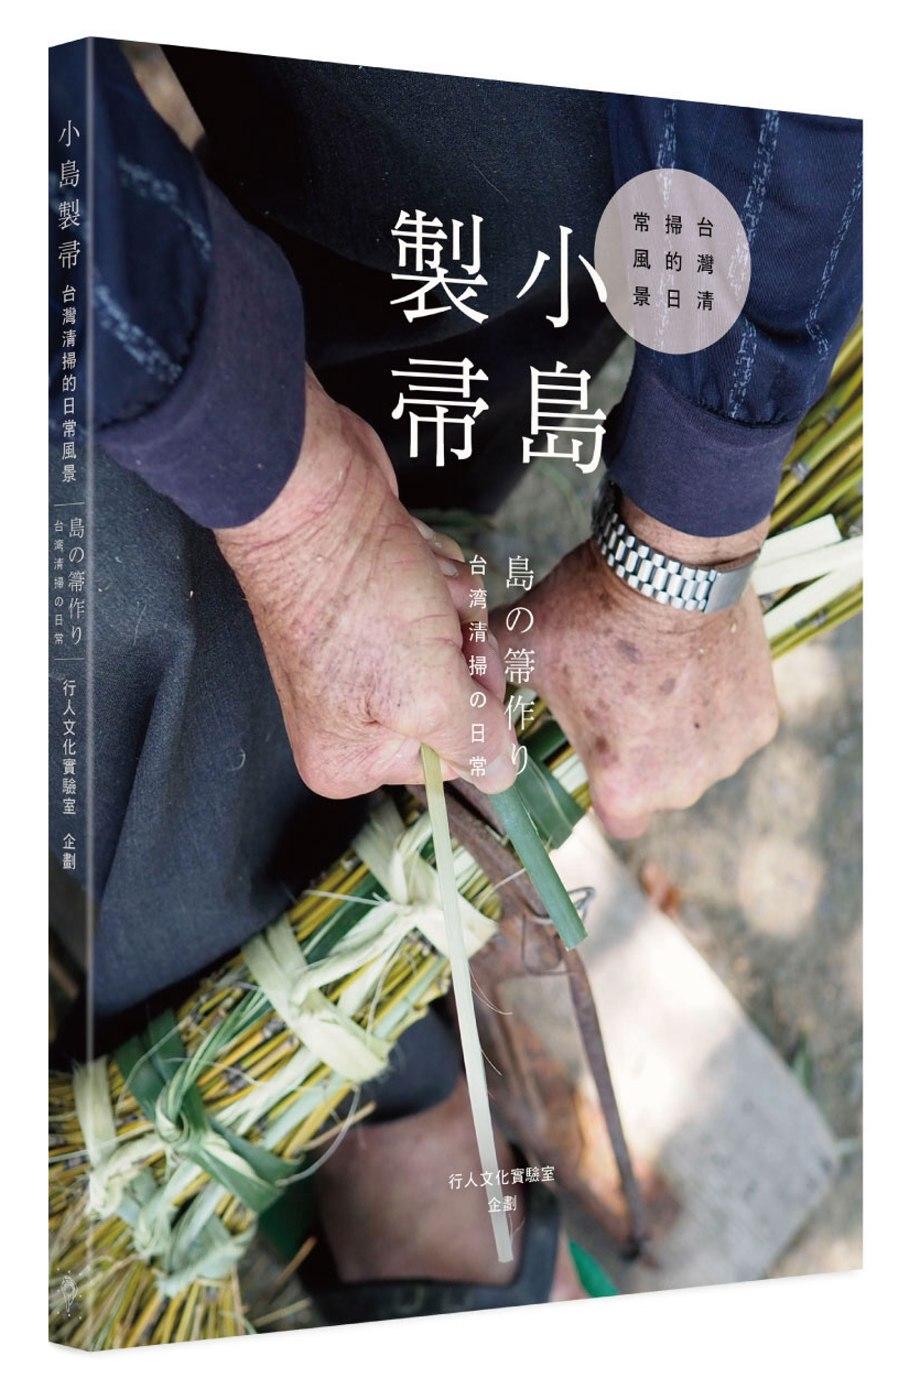 小島製帚:台灣清掃的日常風景(中日雙語)【首刷限量套組:內含「掃你個痛快」槺榔小掃帚吊飾】